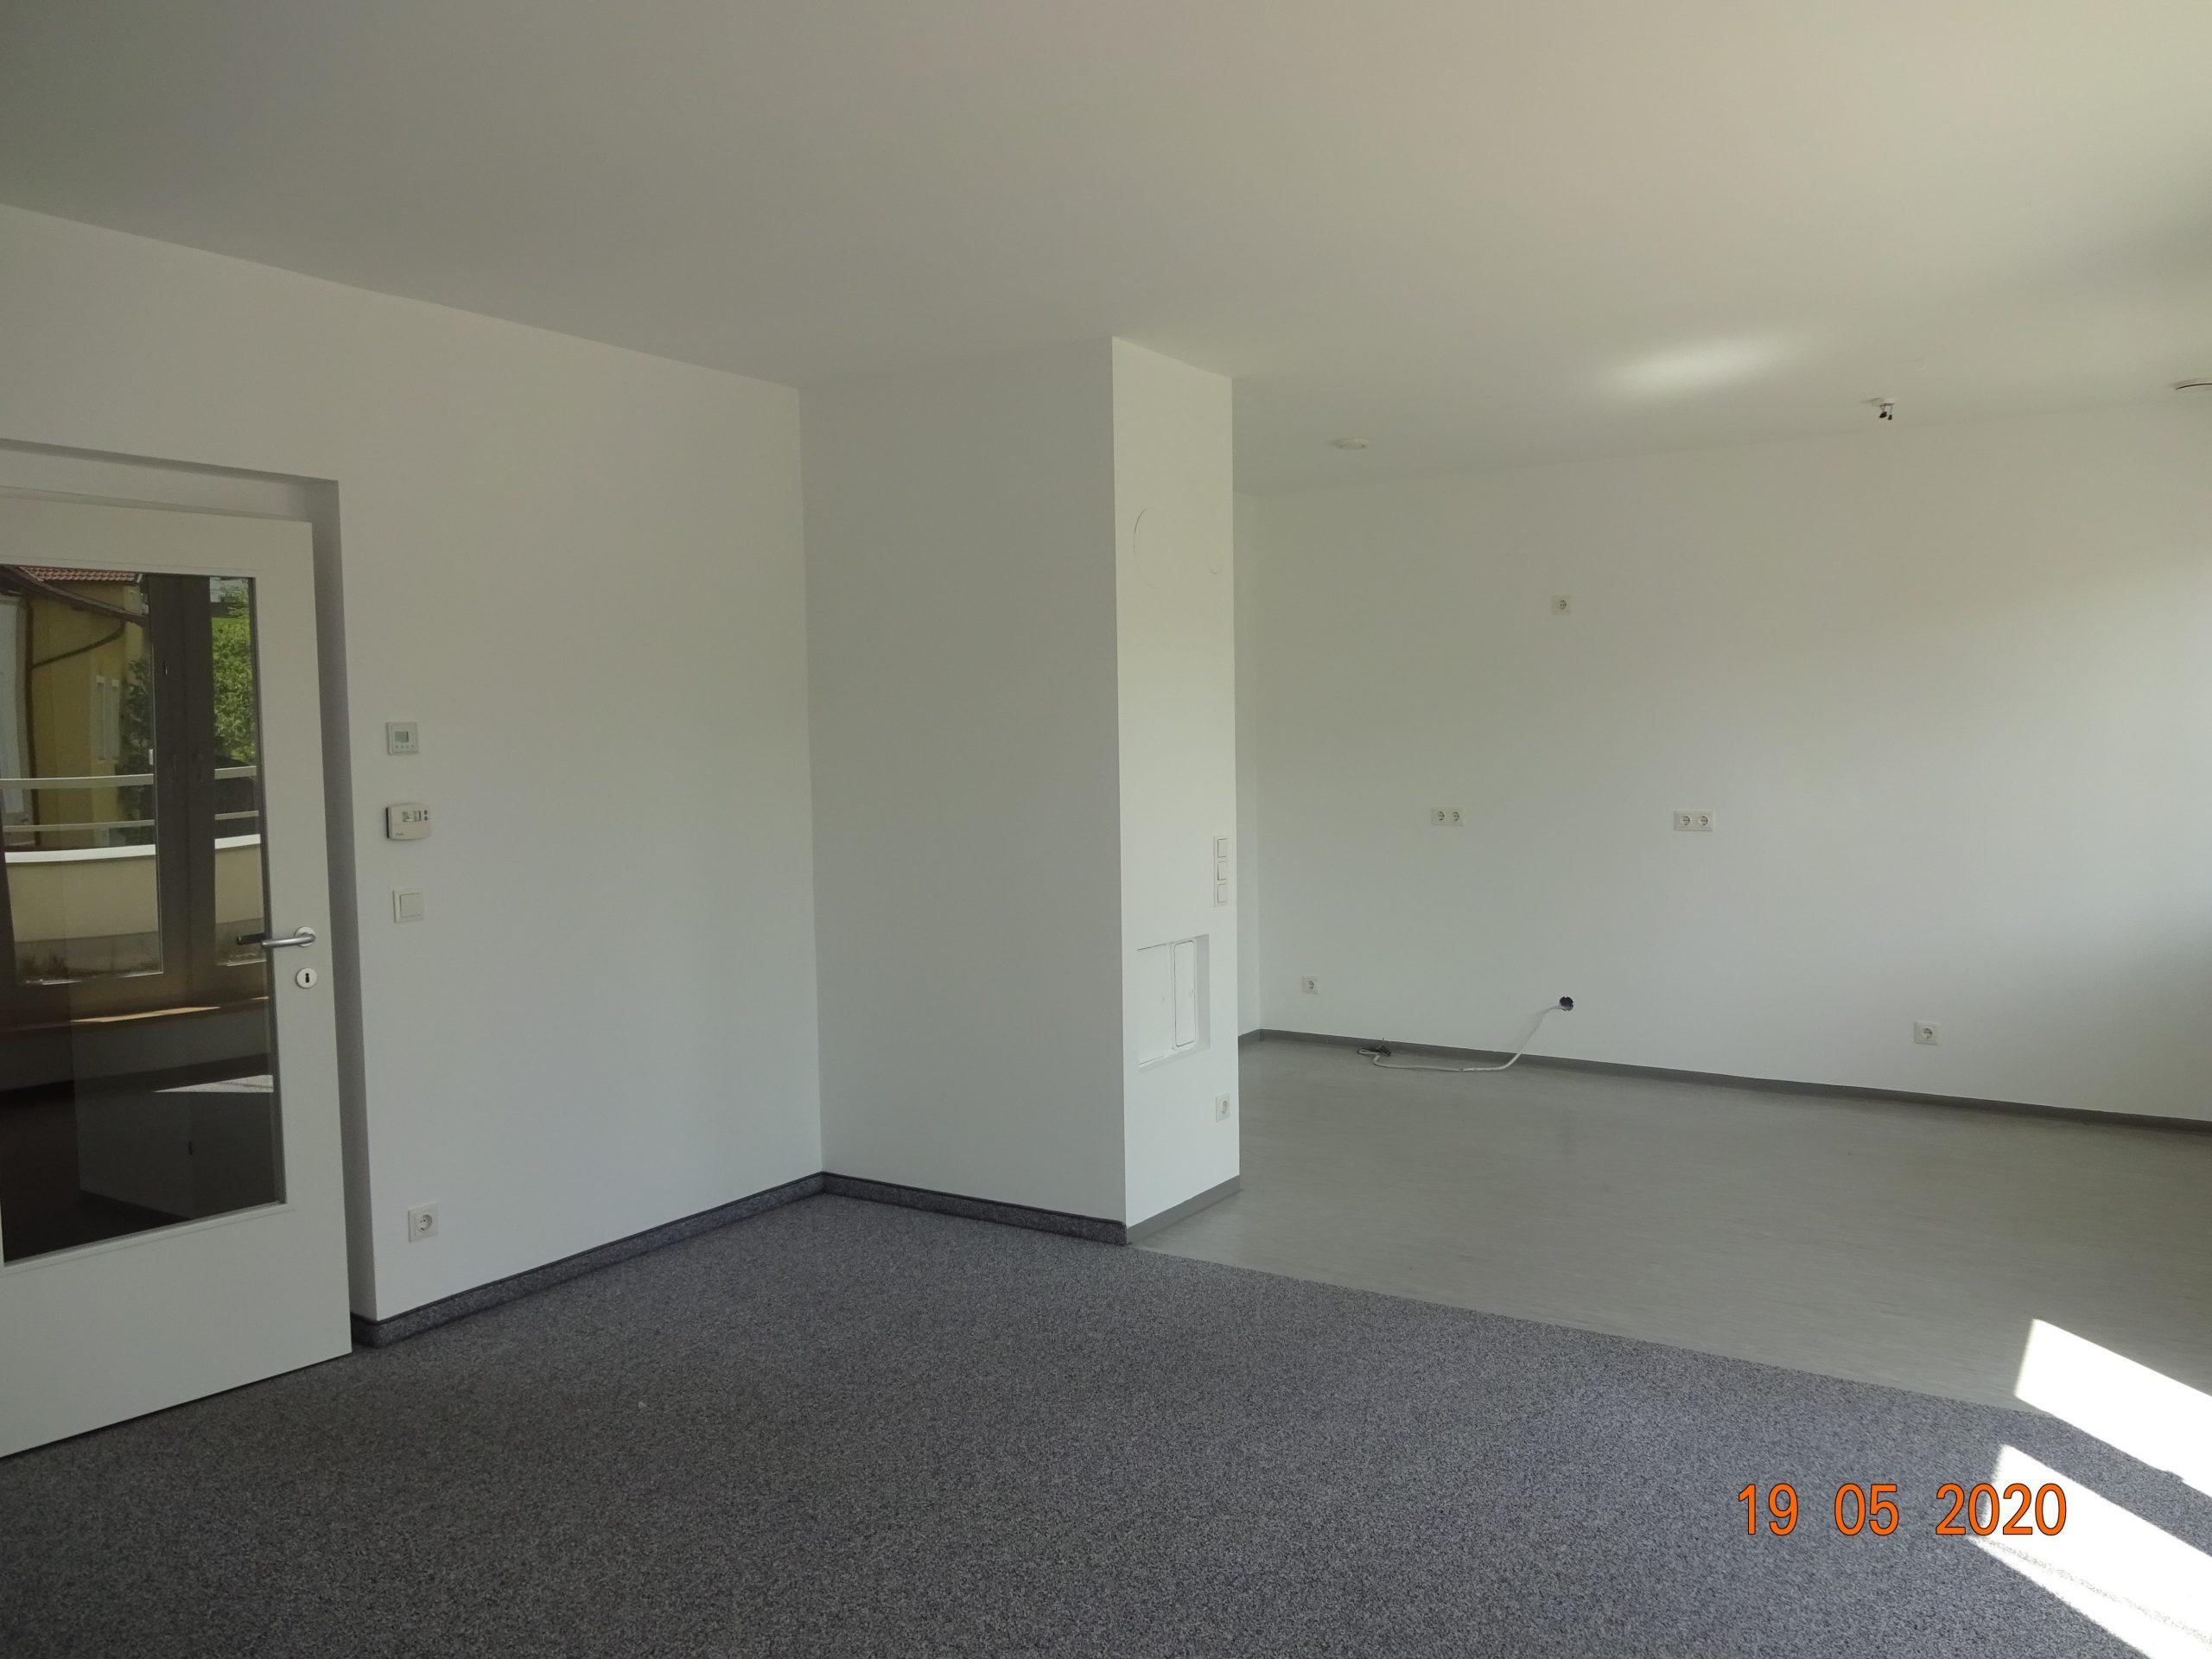 Immobilie von Kamptal in 3925 Arbesbach, Zwettl, Arbesbach II - Top 7 #6